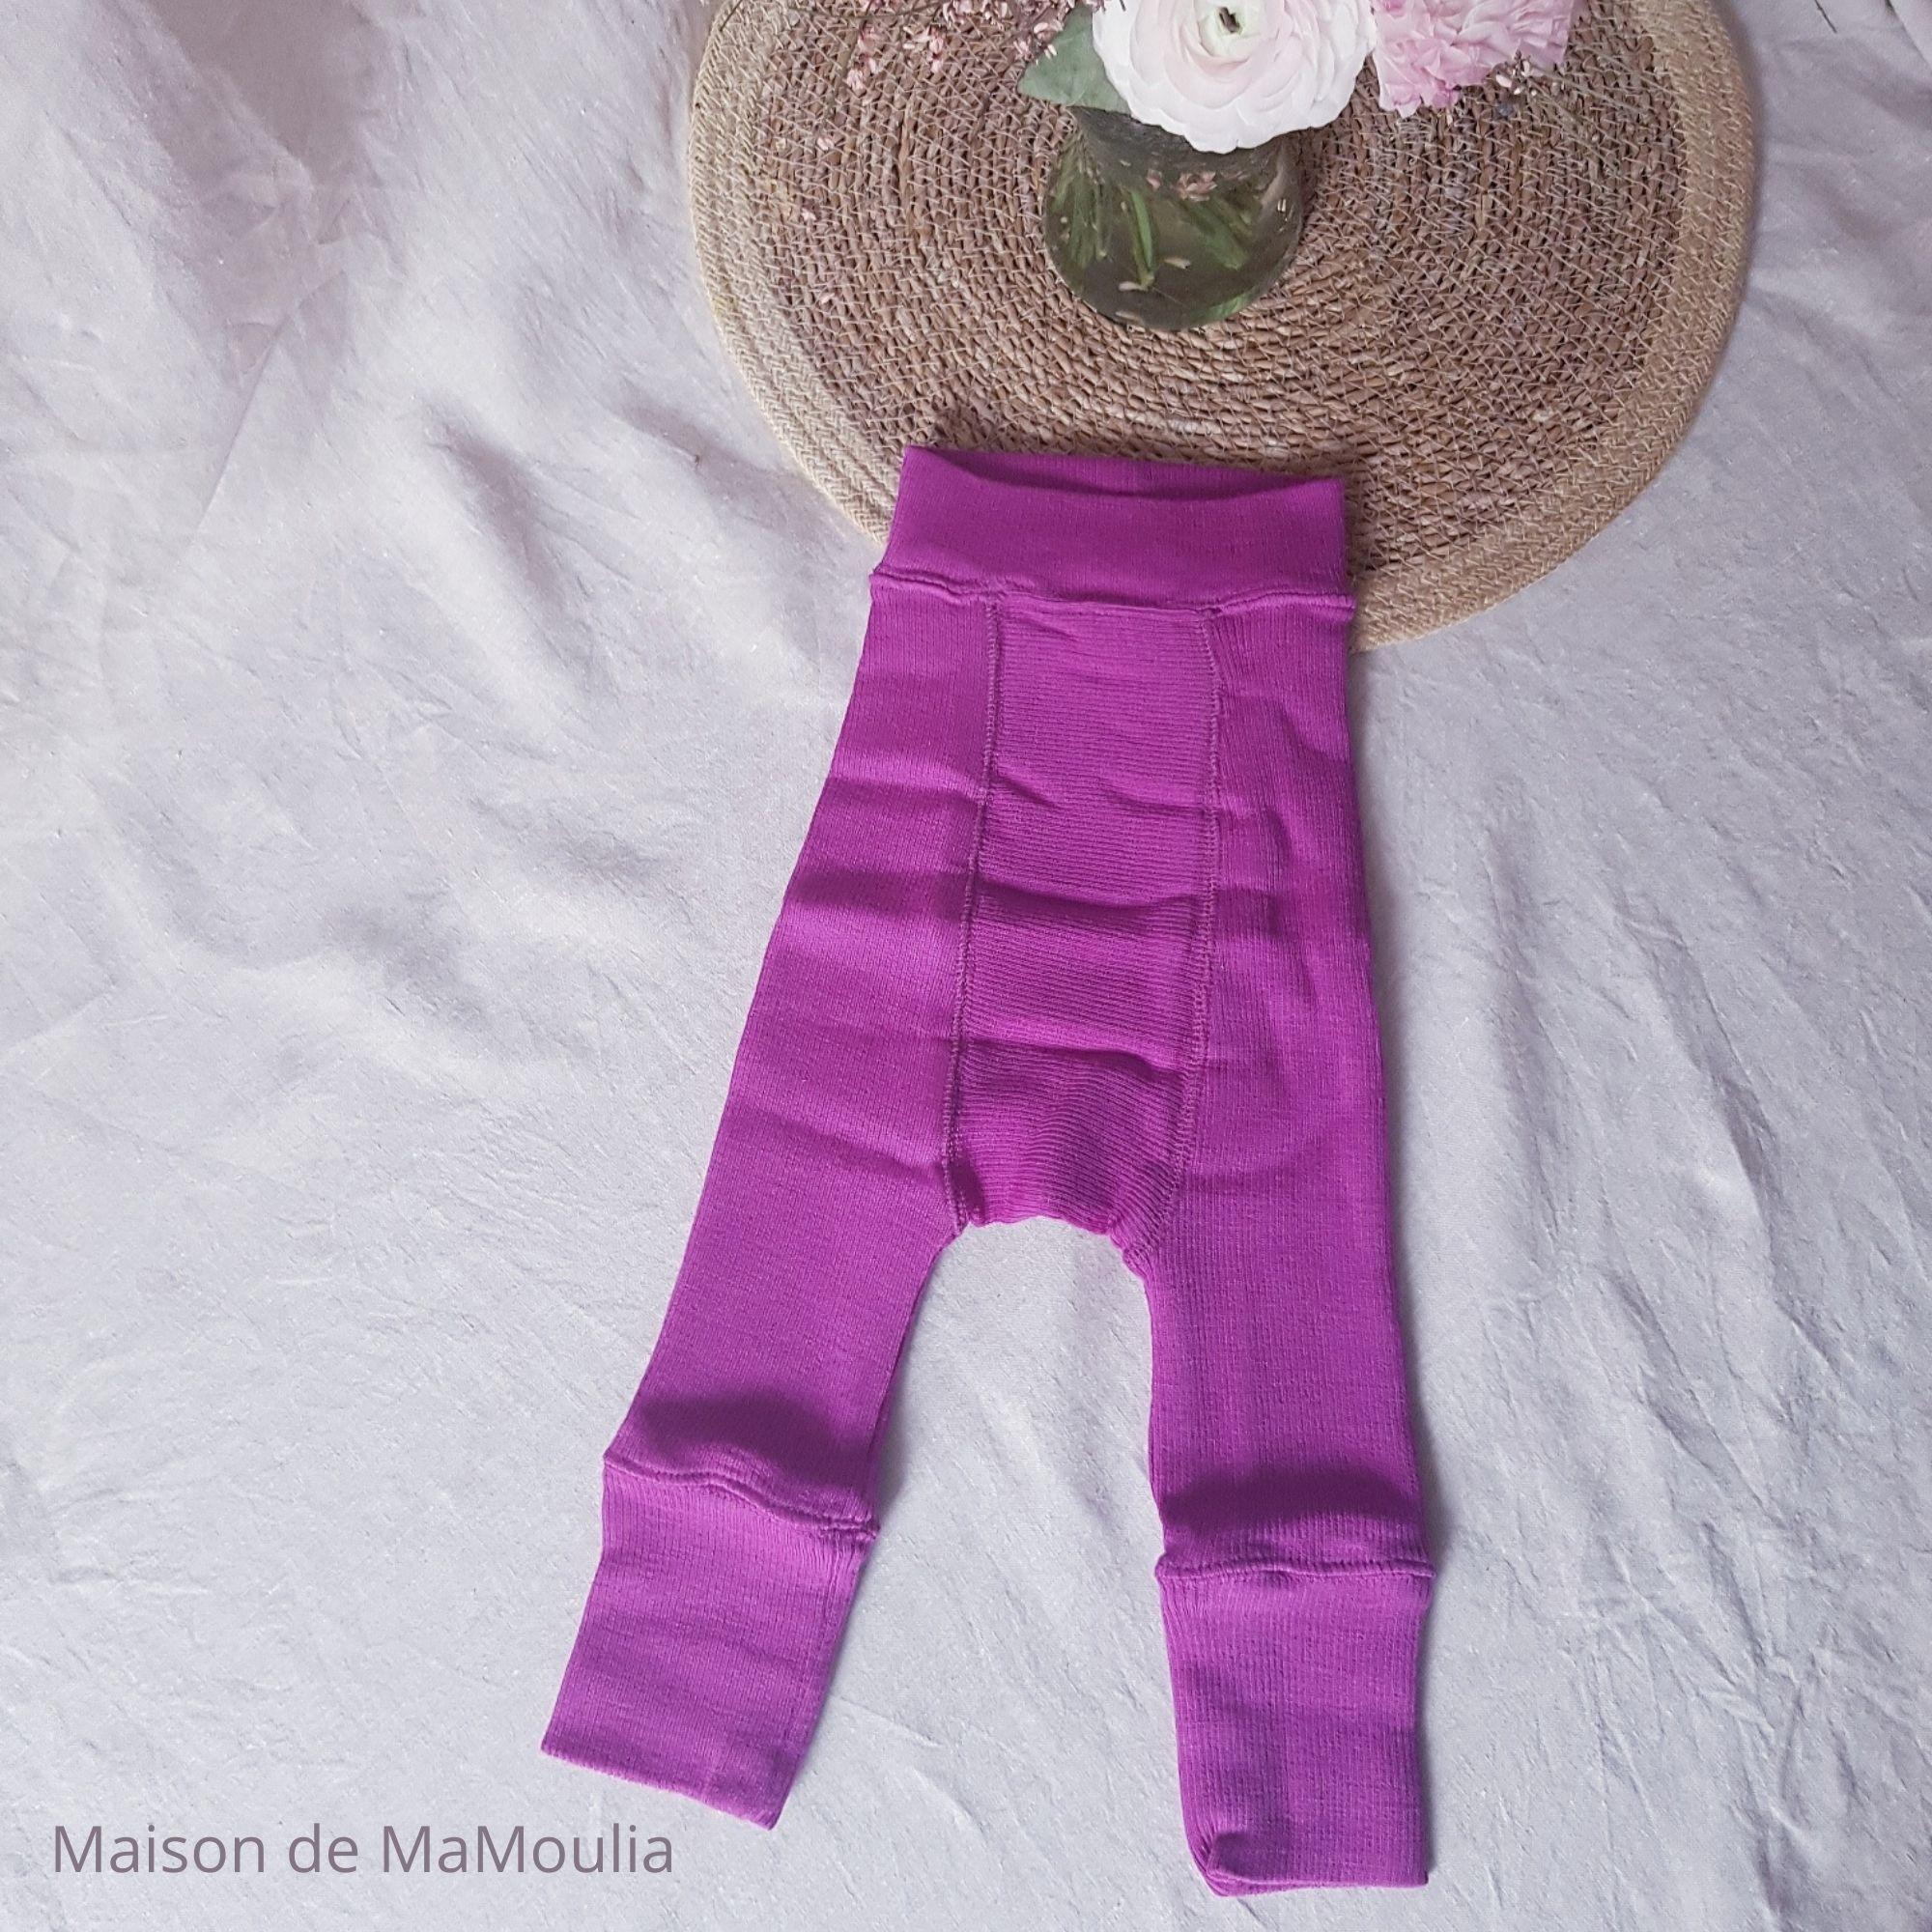 MANYMONTHS - LONGIES Pantalon Évolutif - 100% laine mérinos - LOTUS